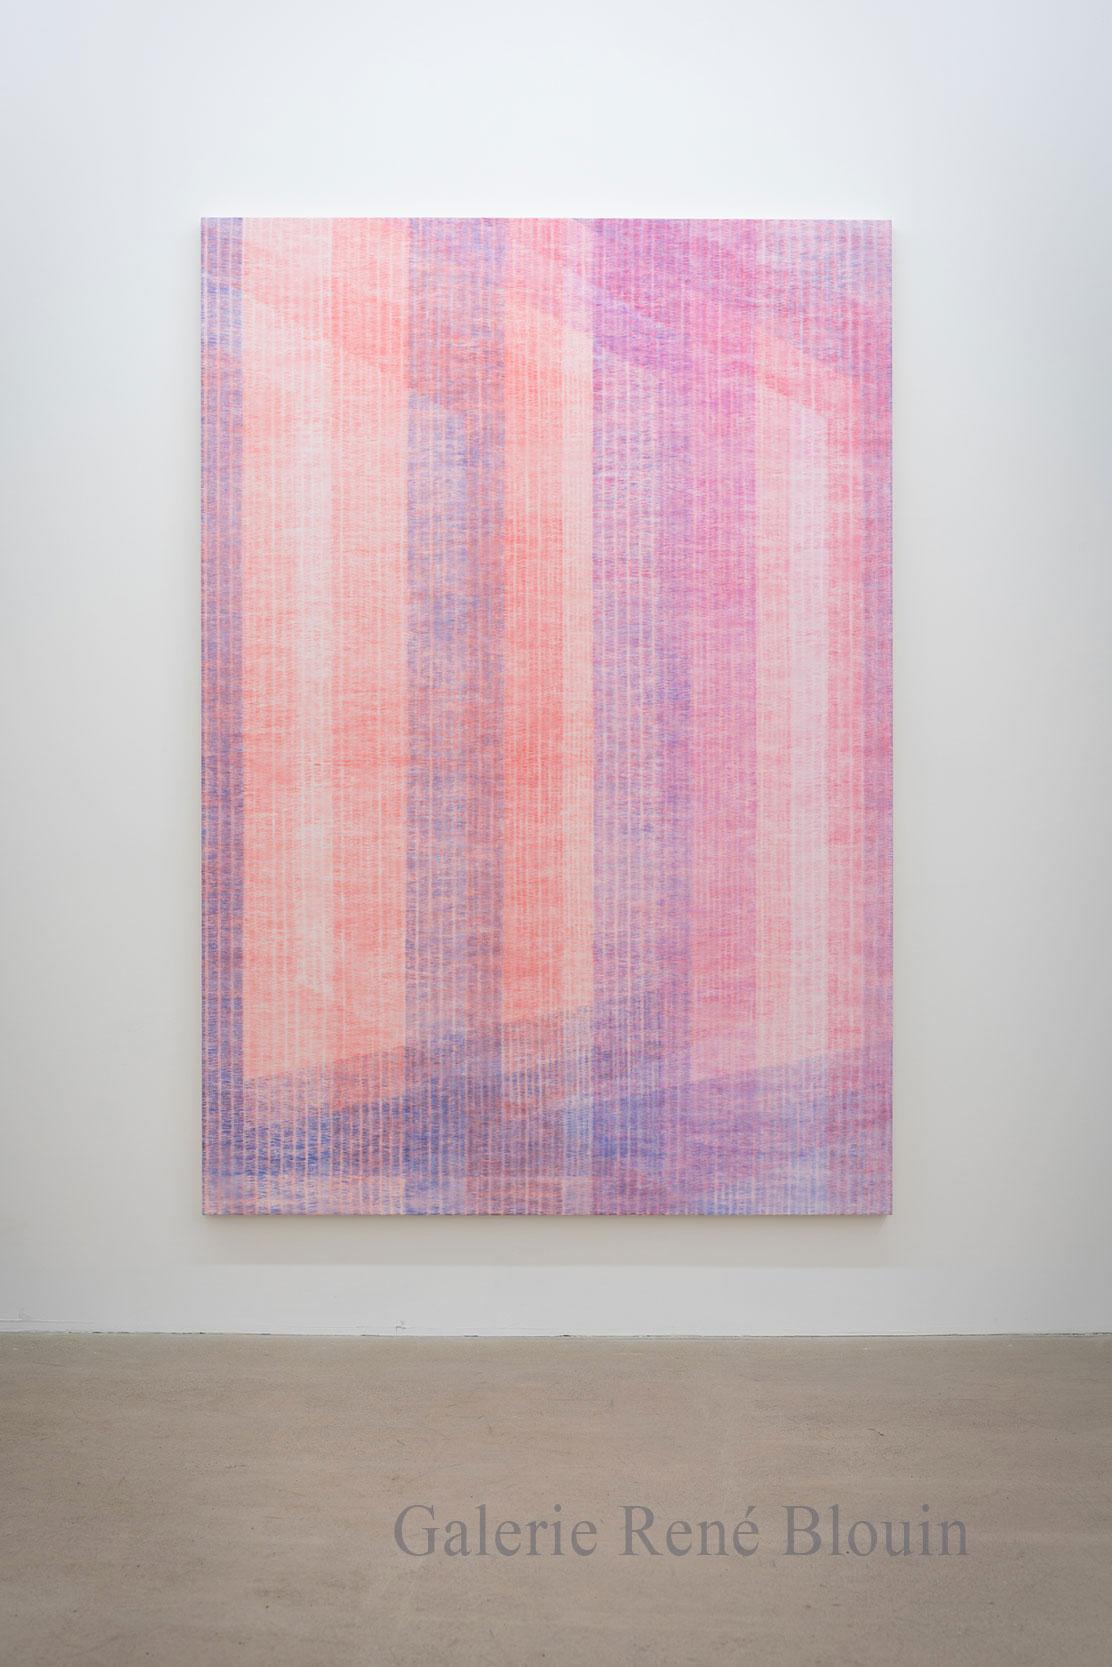 Marie-Claire Blais, Être la porte qui s'ouvre 2, 2016, acrylique sur toile, 221 x 152 cm /87 x 60 pouces. Photo : Marie-Claire Blais